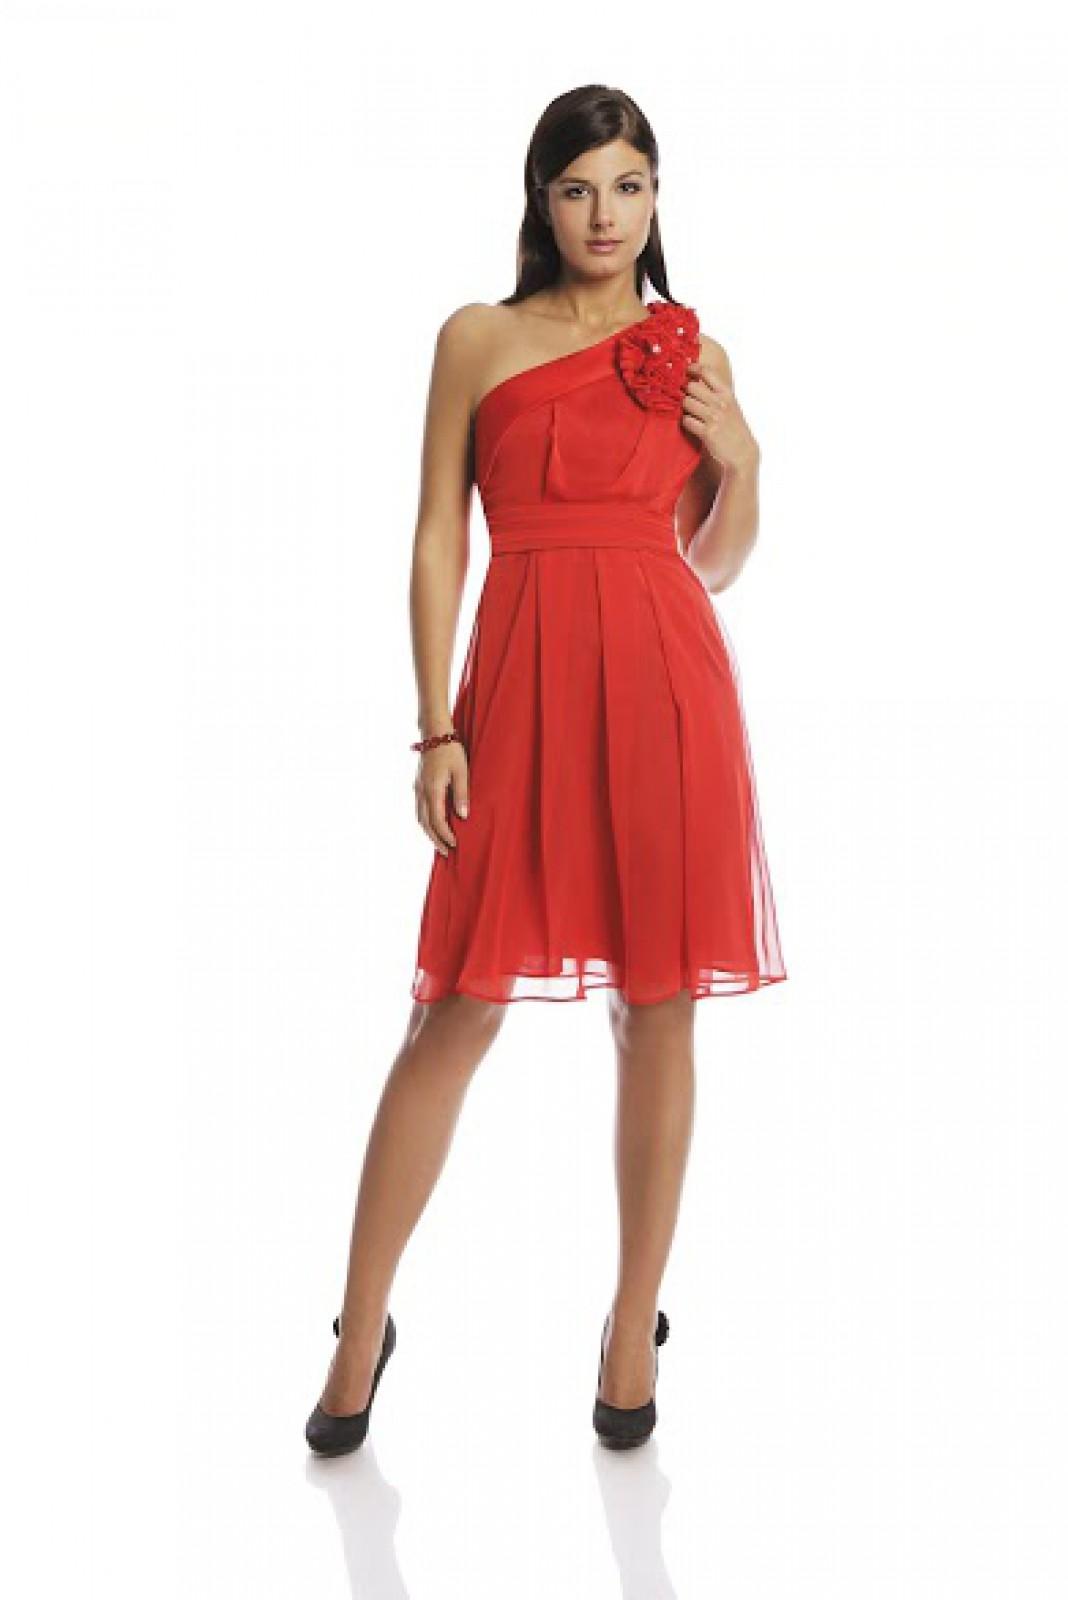 Partykleider aus fließendem Chiffon in Rot online bestellen - ...